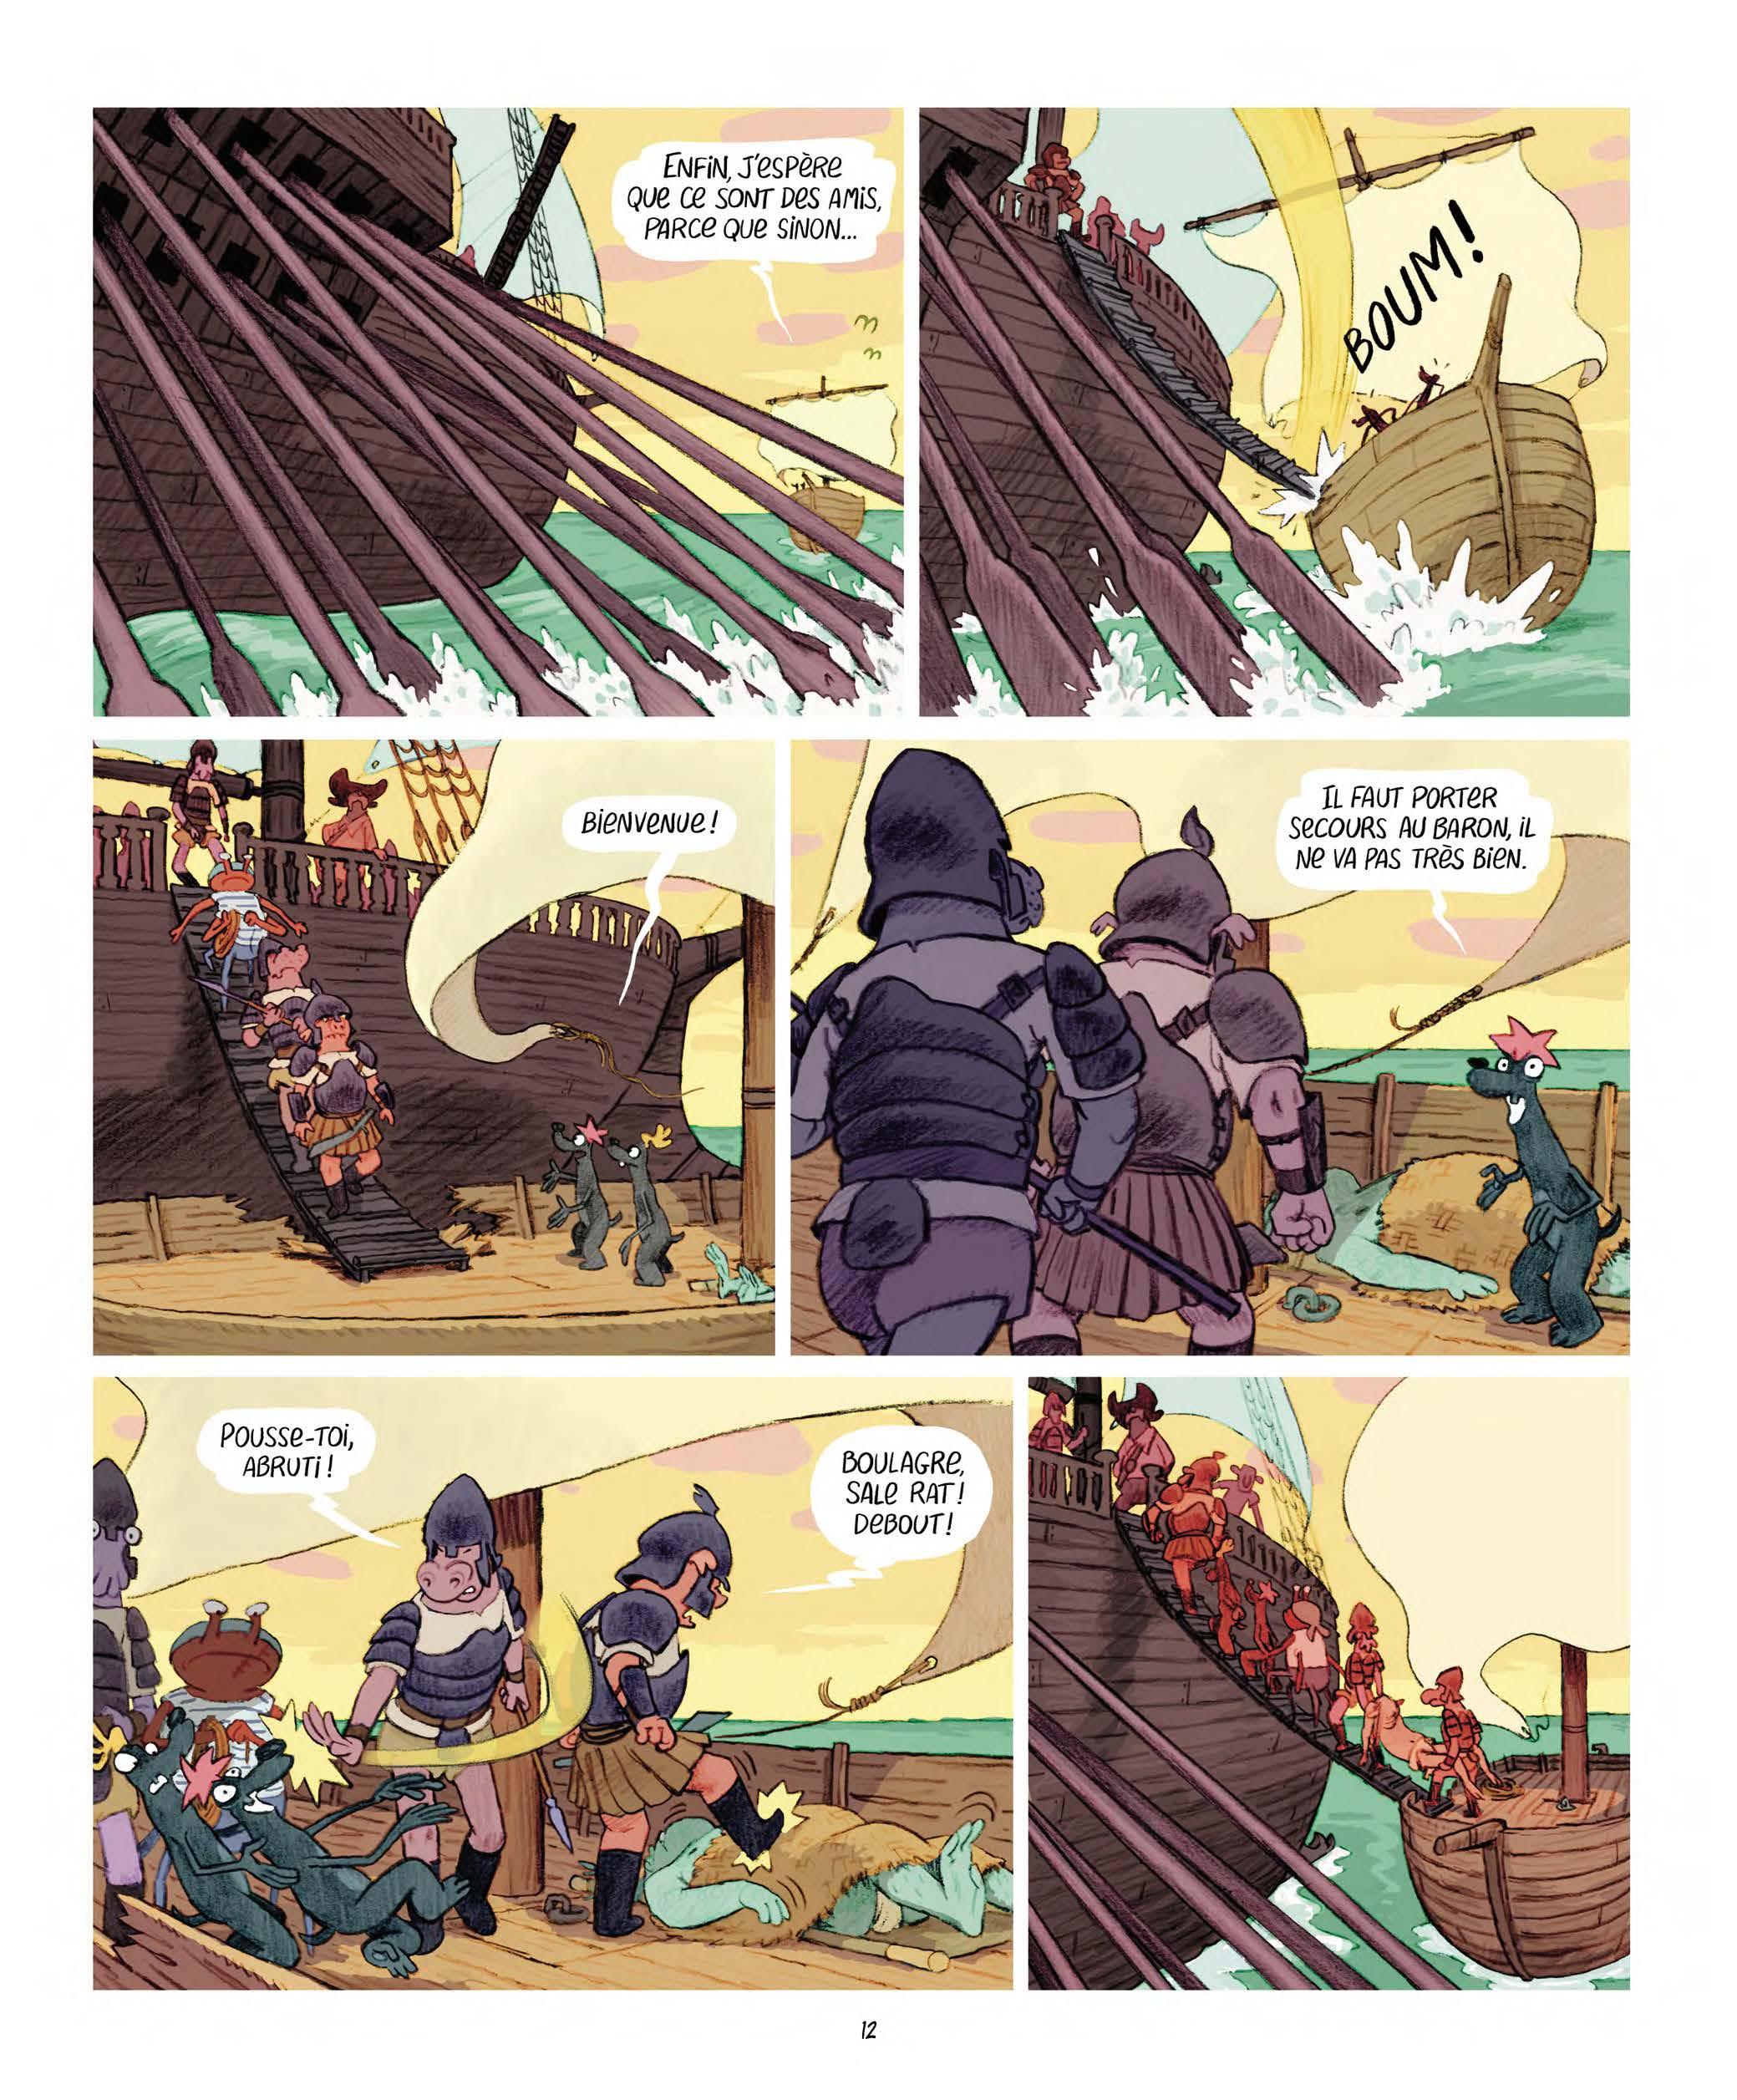 Extrait n°4 Les Affamés 2 - Hum et Wouaf et la triste mine  - Le retour d'hum et wouaf dans les mines de mignon par Jean-Emmanuel Vermot-Desroches